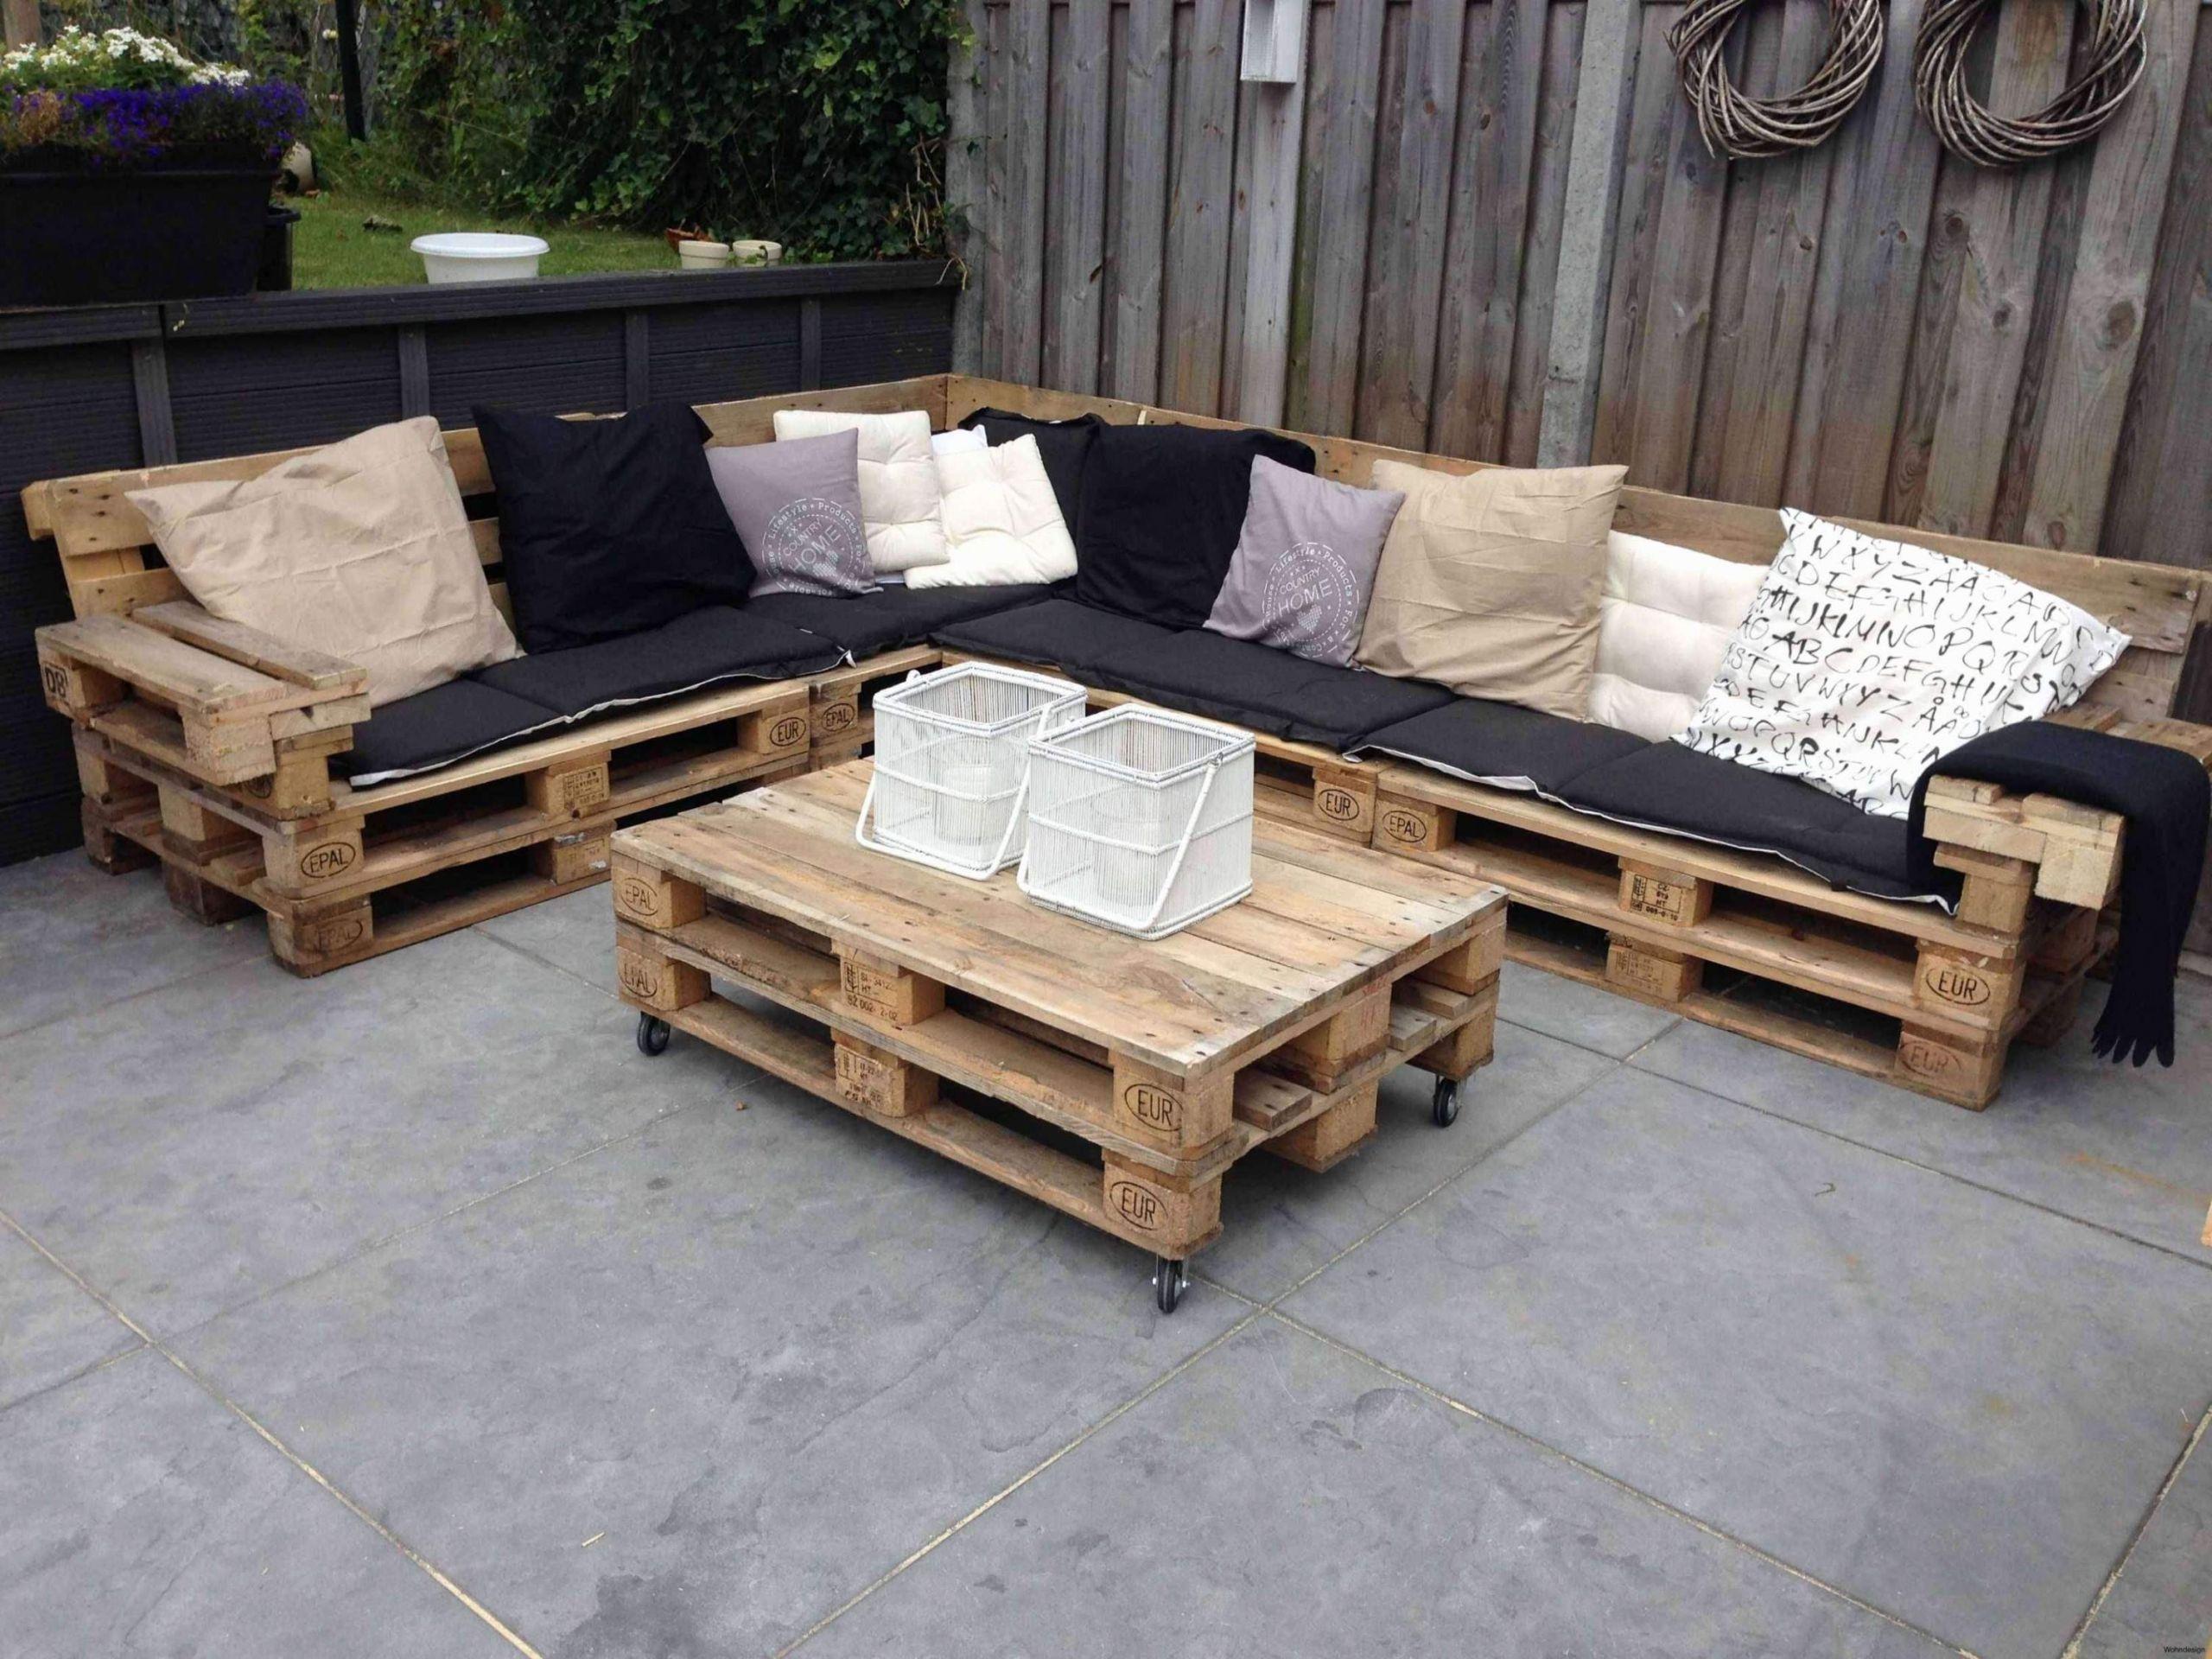 Full Size of 31 Luxus Obi Garten Lounge Reizend Anlegen Loungemöbel Bett Kopfteil Selber Machen Einbauküche Bauen Holz Boxspring Fenster Einbauen Bodengleiche Dusche Wohnzimmer Terrasse Lounge Selber Bauen